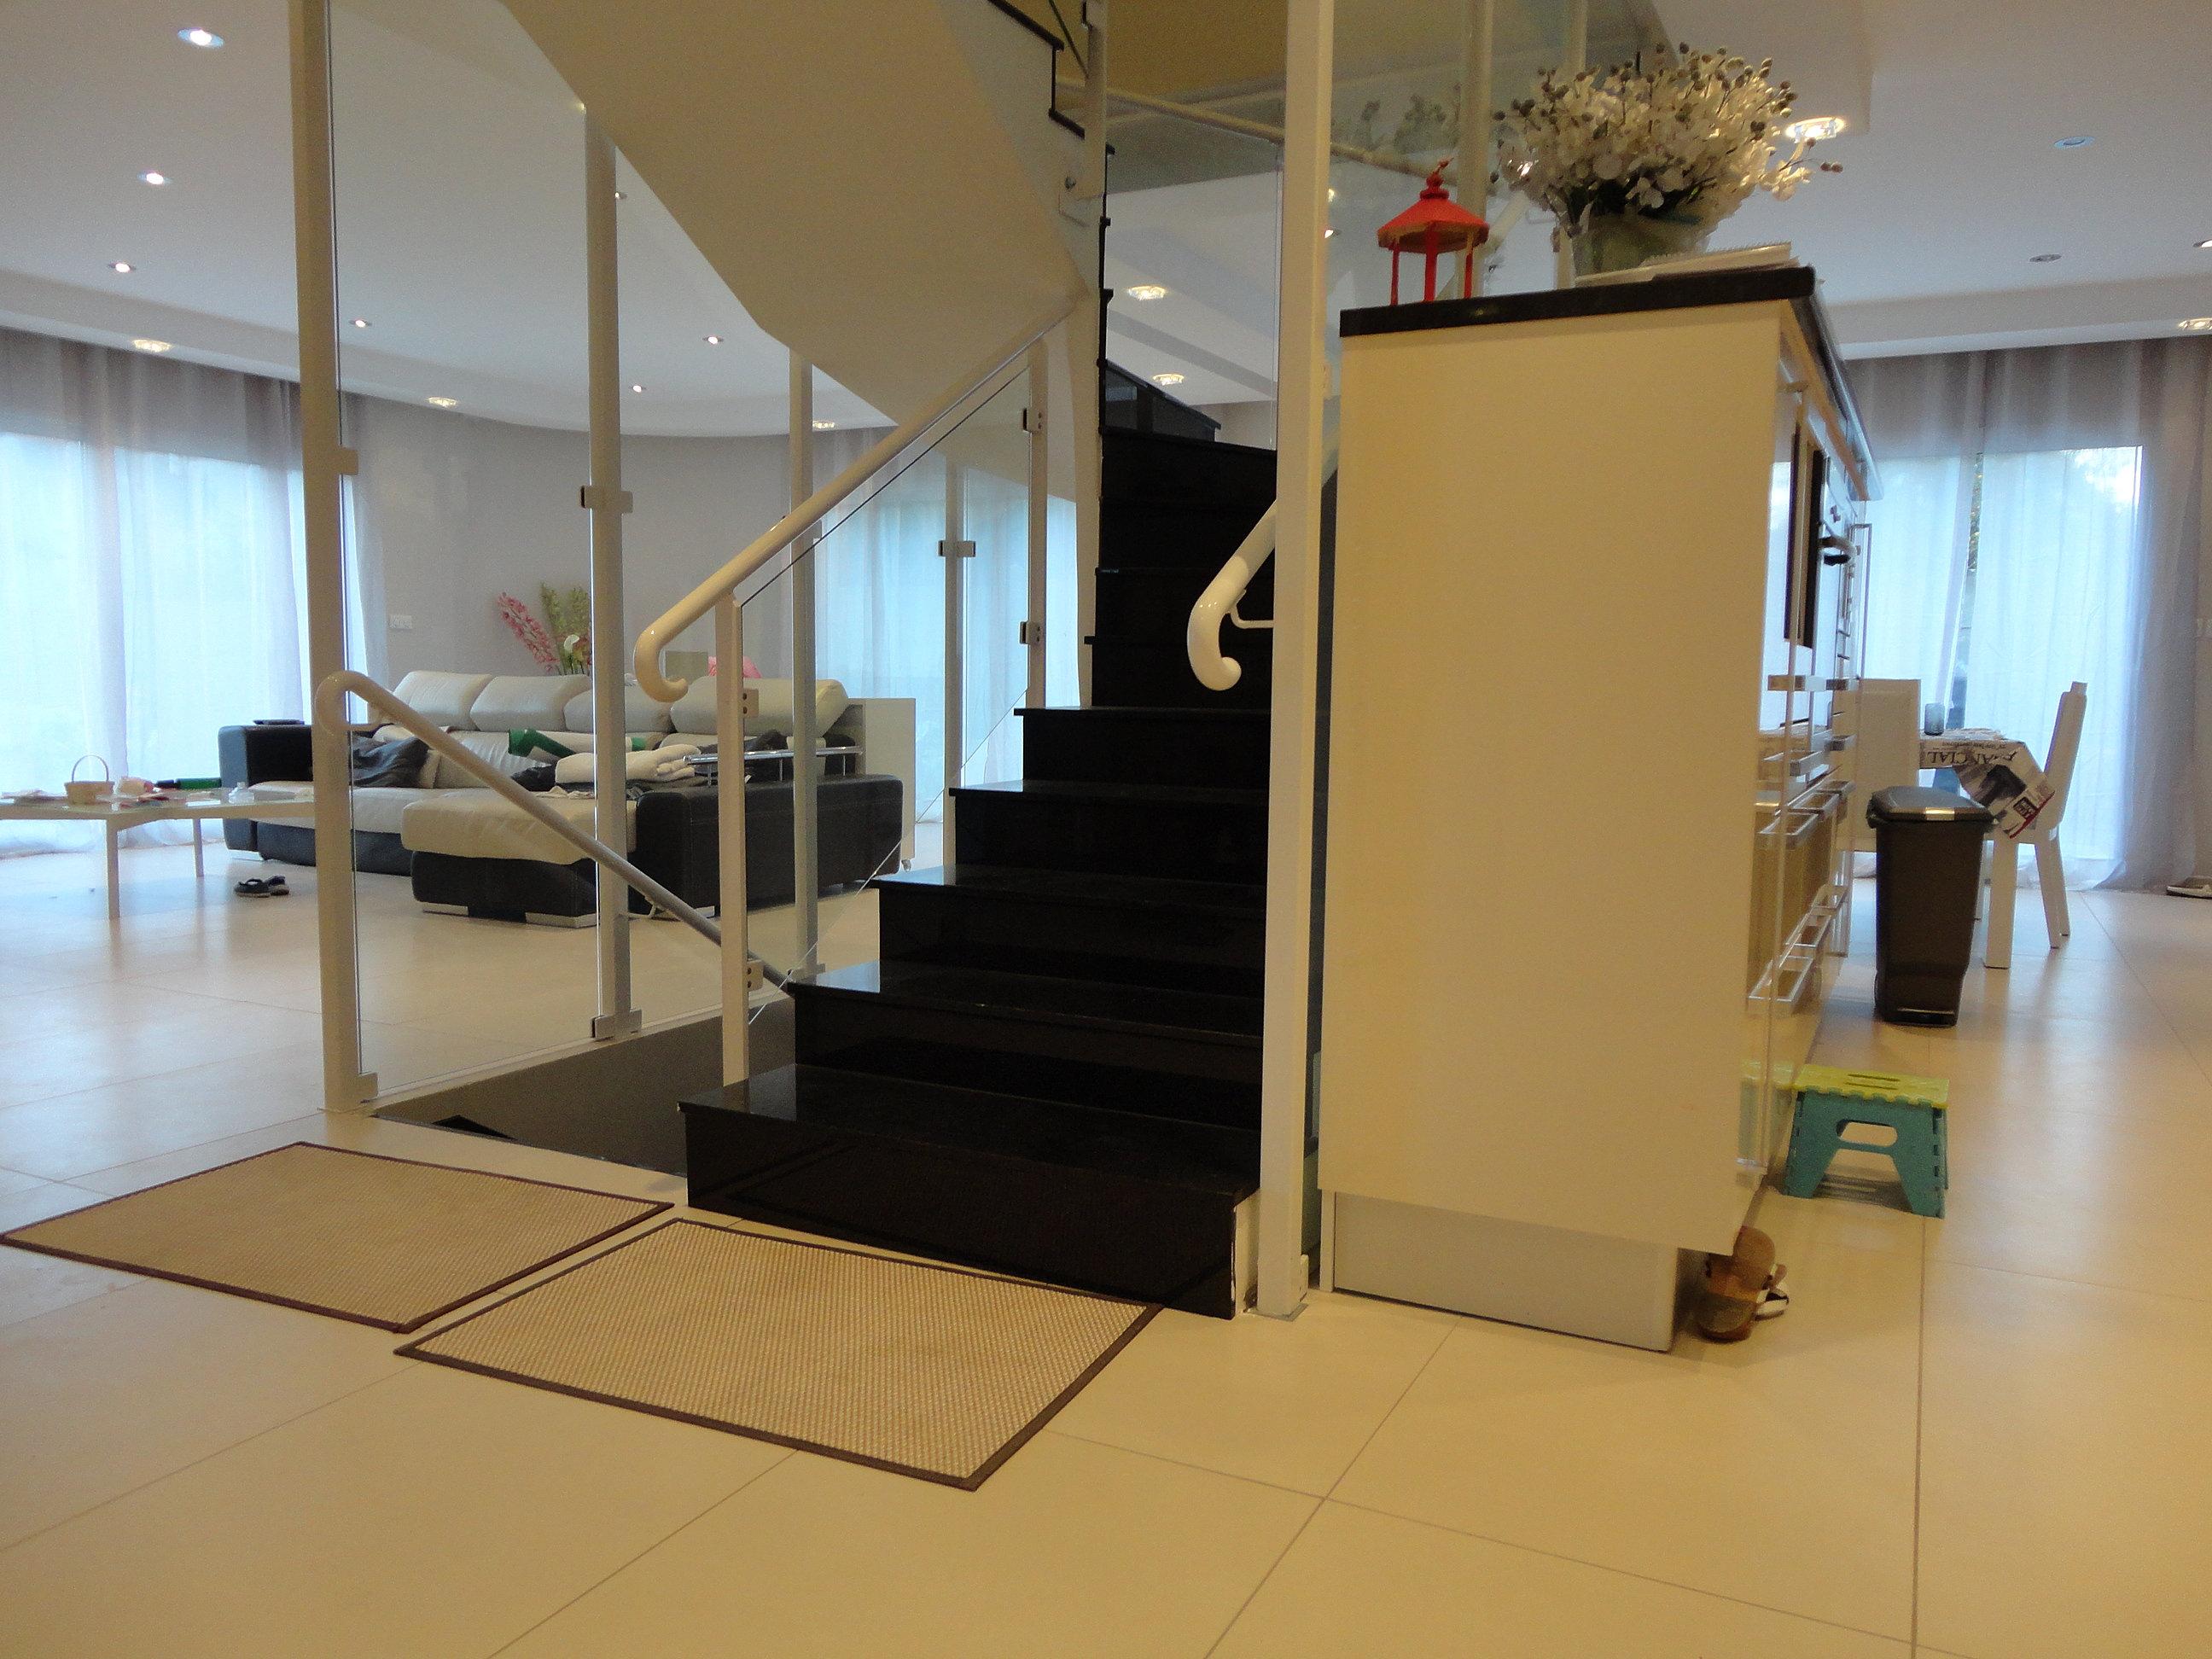 plan de travail granit quartz table en mabre paris essonne escaliers en granit. Black Bedroom Furniture Sets. Home Design Ideas